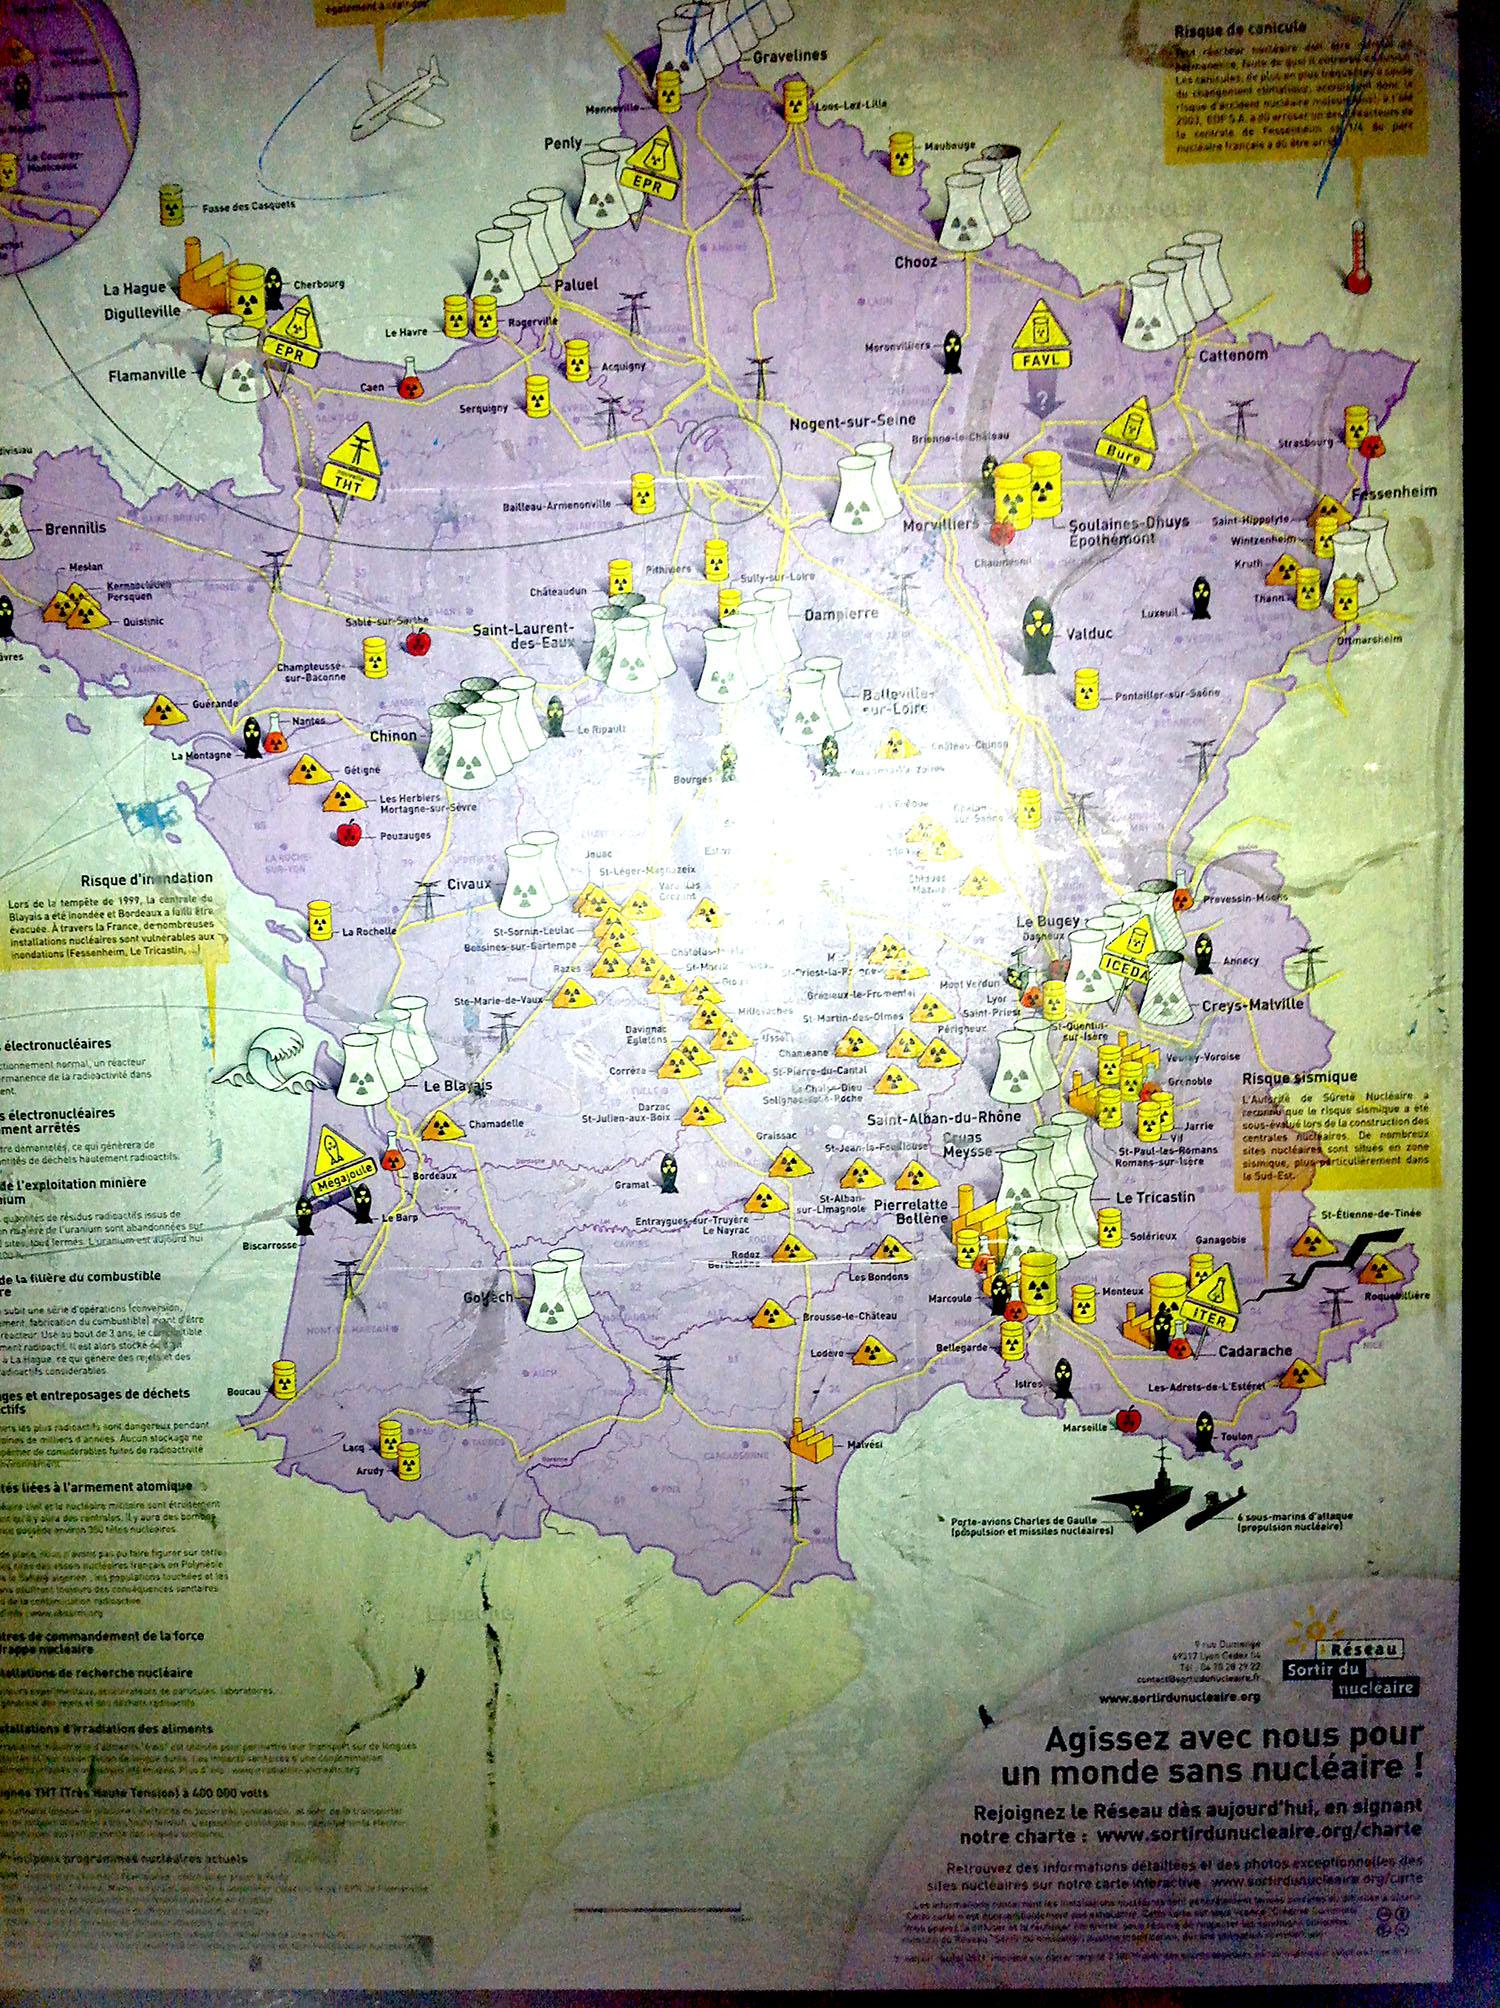 France nuclear energy map